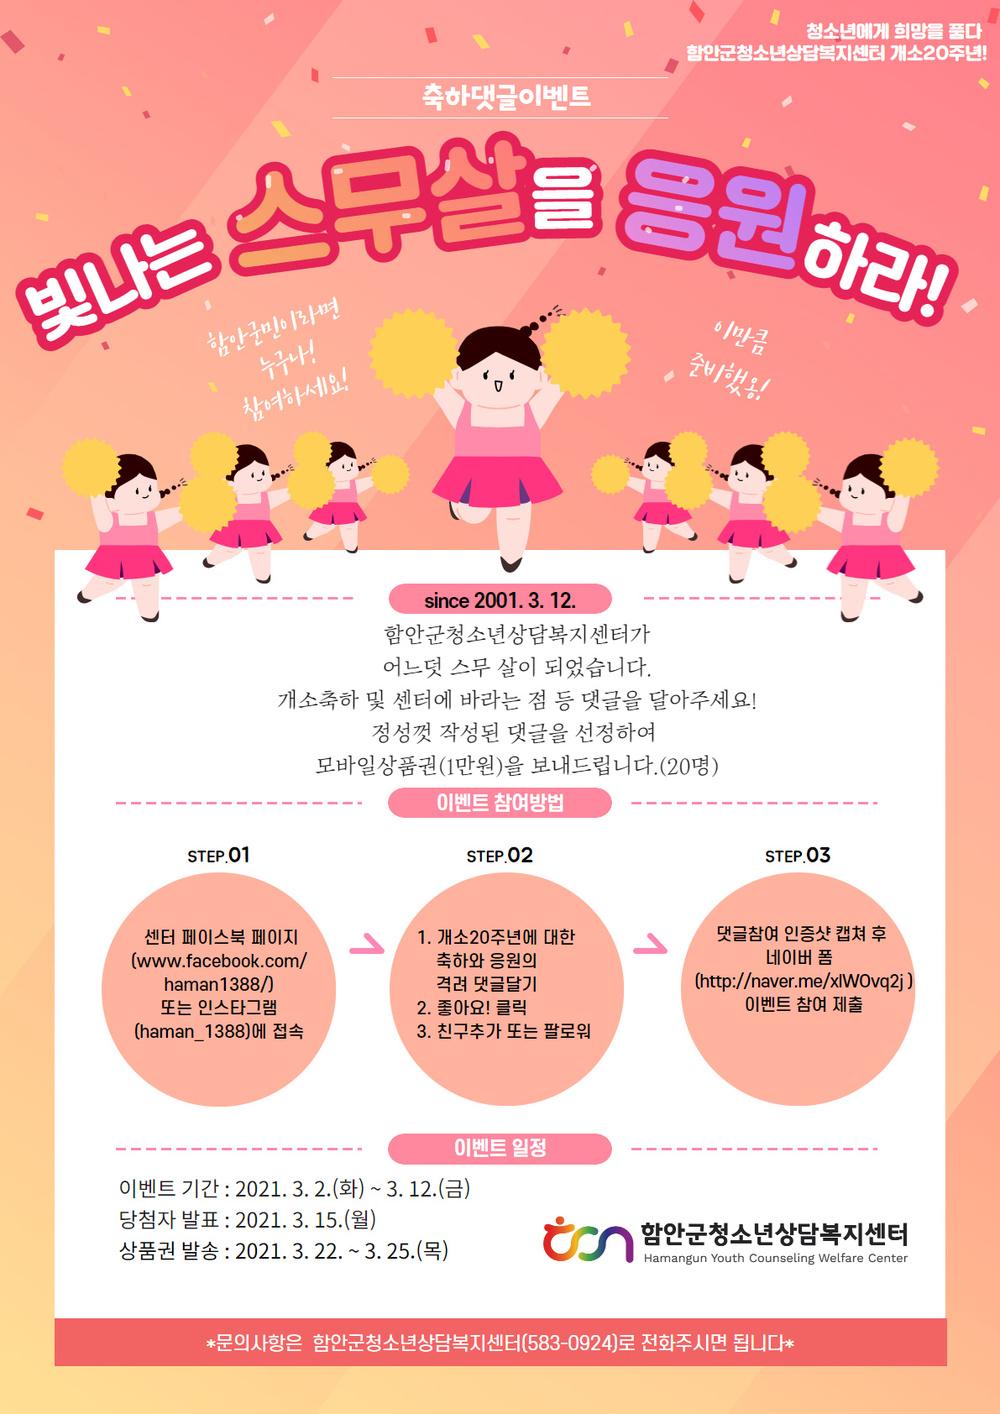 센터개소 20주년축하 댓글이벤트!!!